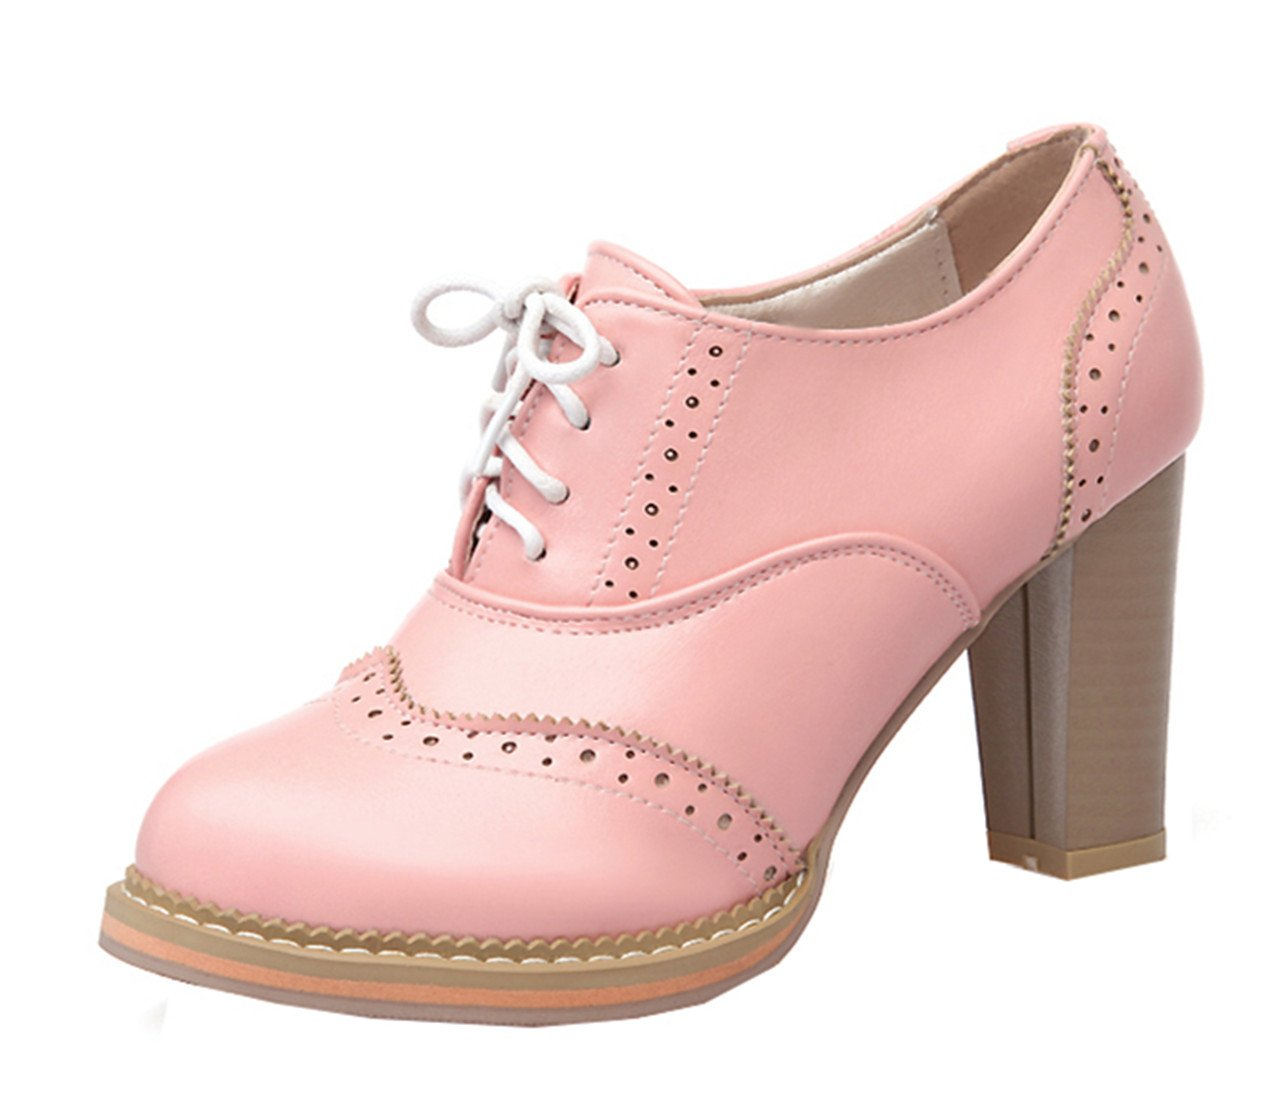 YE Damen High Heels Retro Suuml;szlig;e Geschlossene Zehe Pumps mit Blockabsatz Brogue Fruuml;hling Herbst Schnuuml;rhalbschuhe Casual Shoes40 EU|Pink